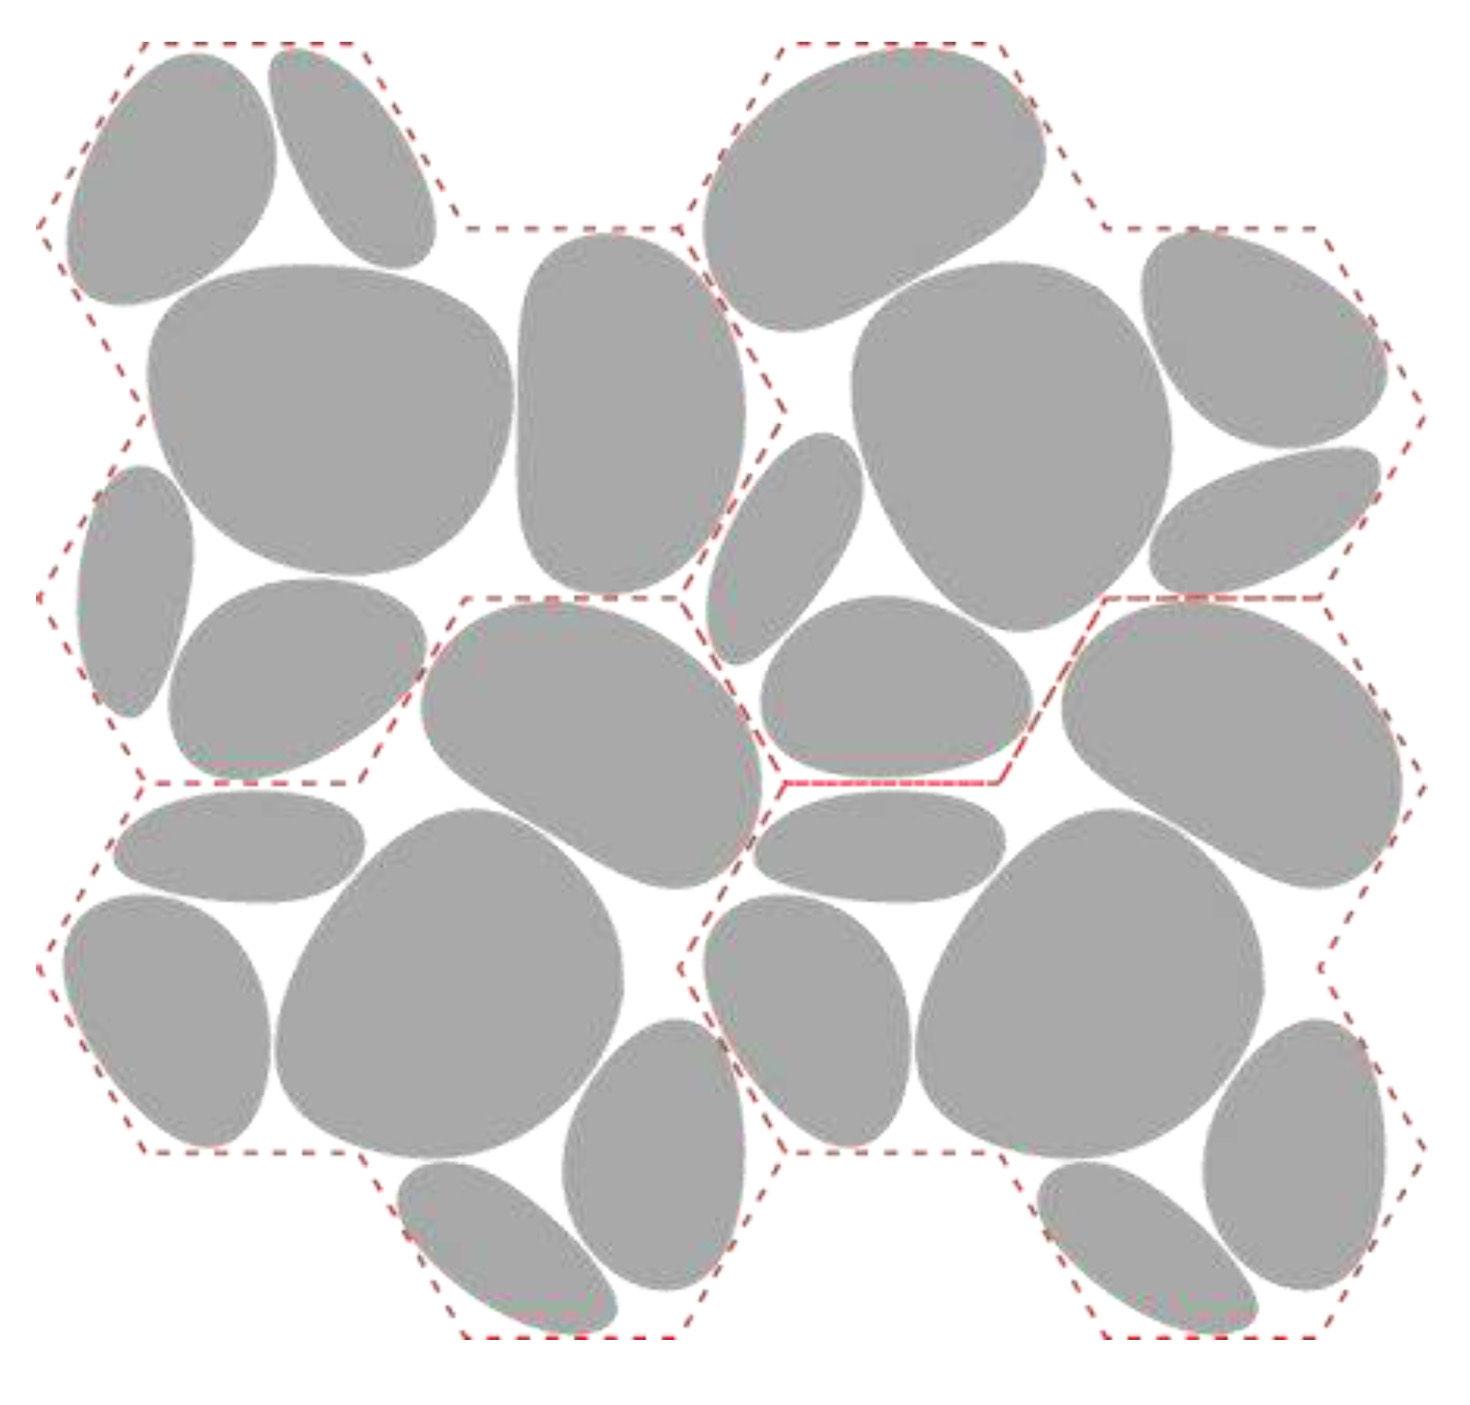 Leuchten - Deckenleuchten - Kit für den Zusammenbau für Deckenleuchte